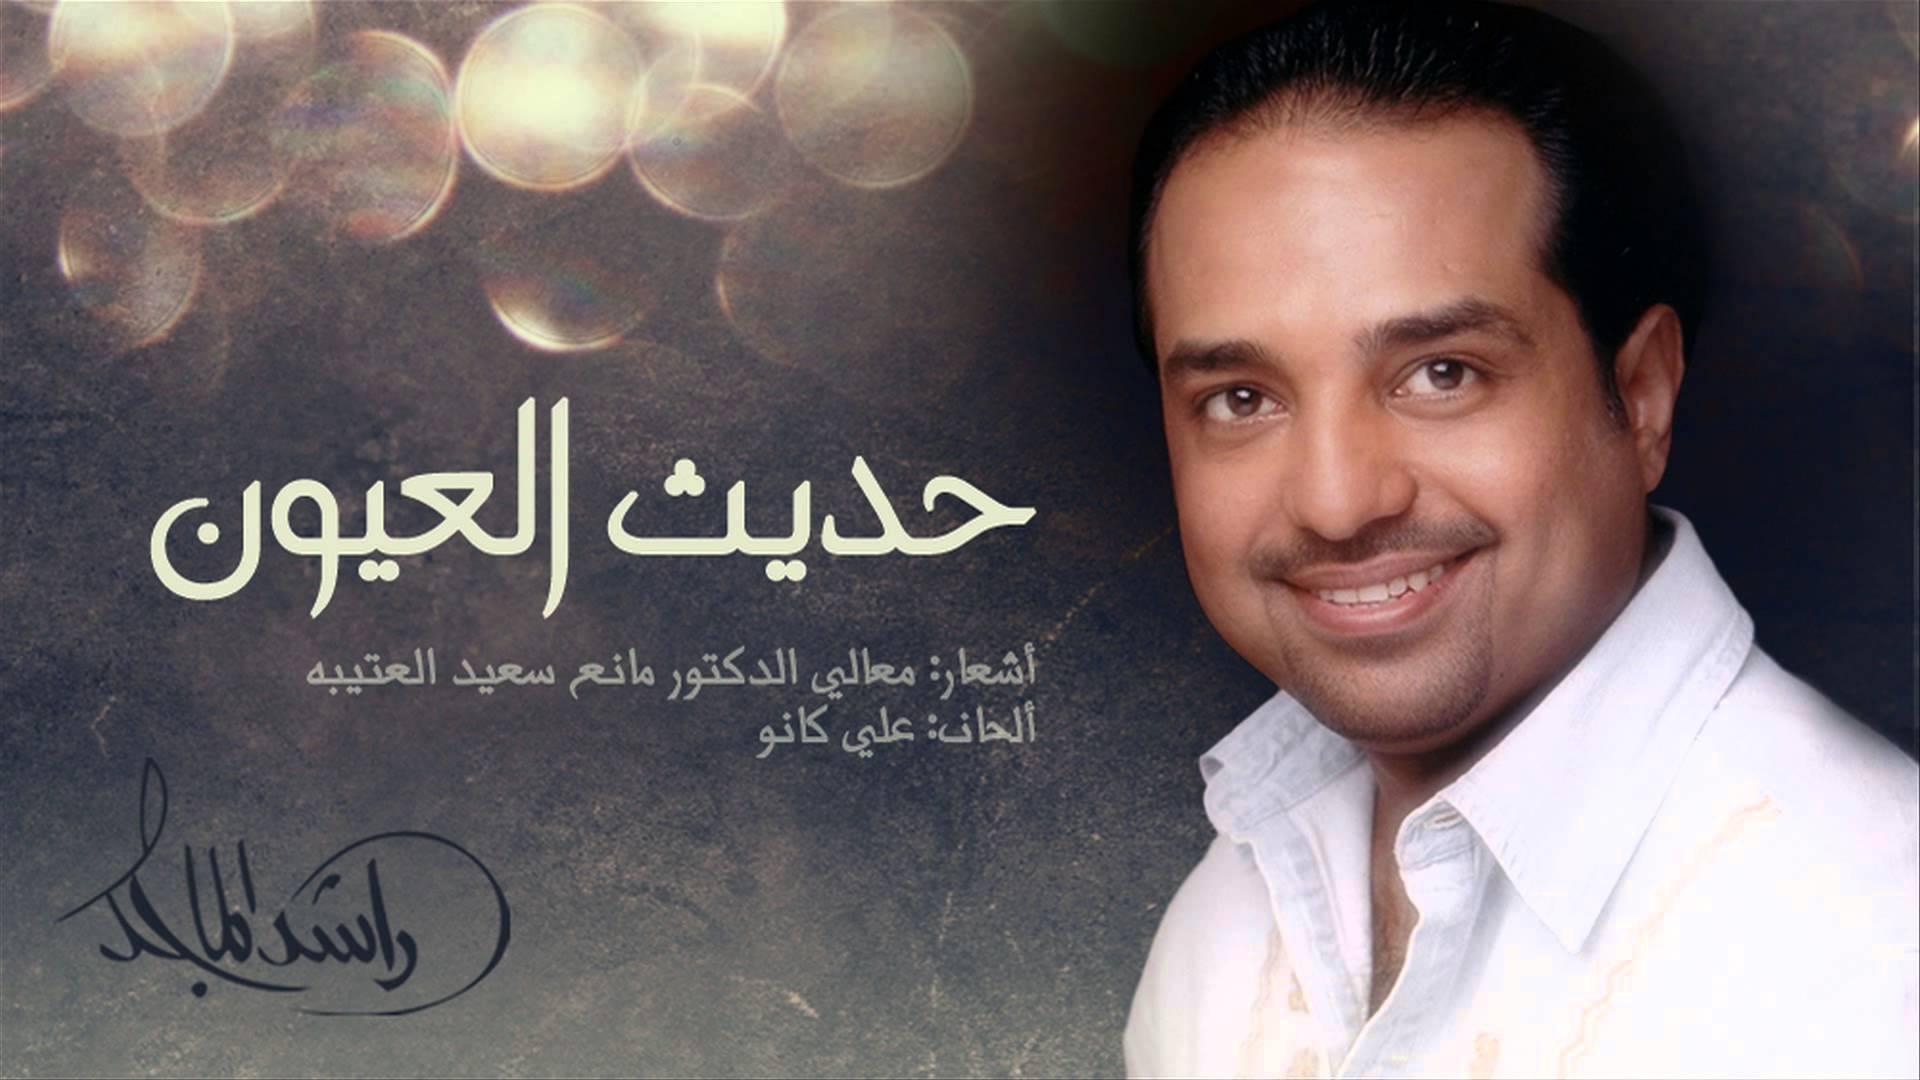 كلمات أغنية حديث العيون راشد الماجد 2014